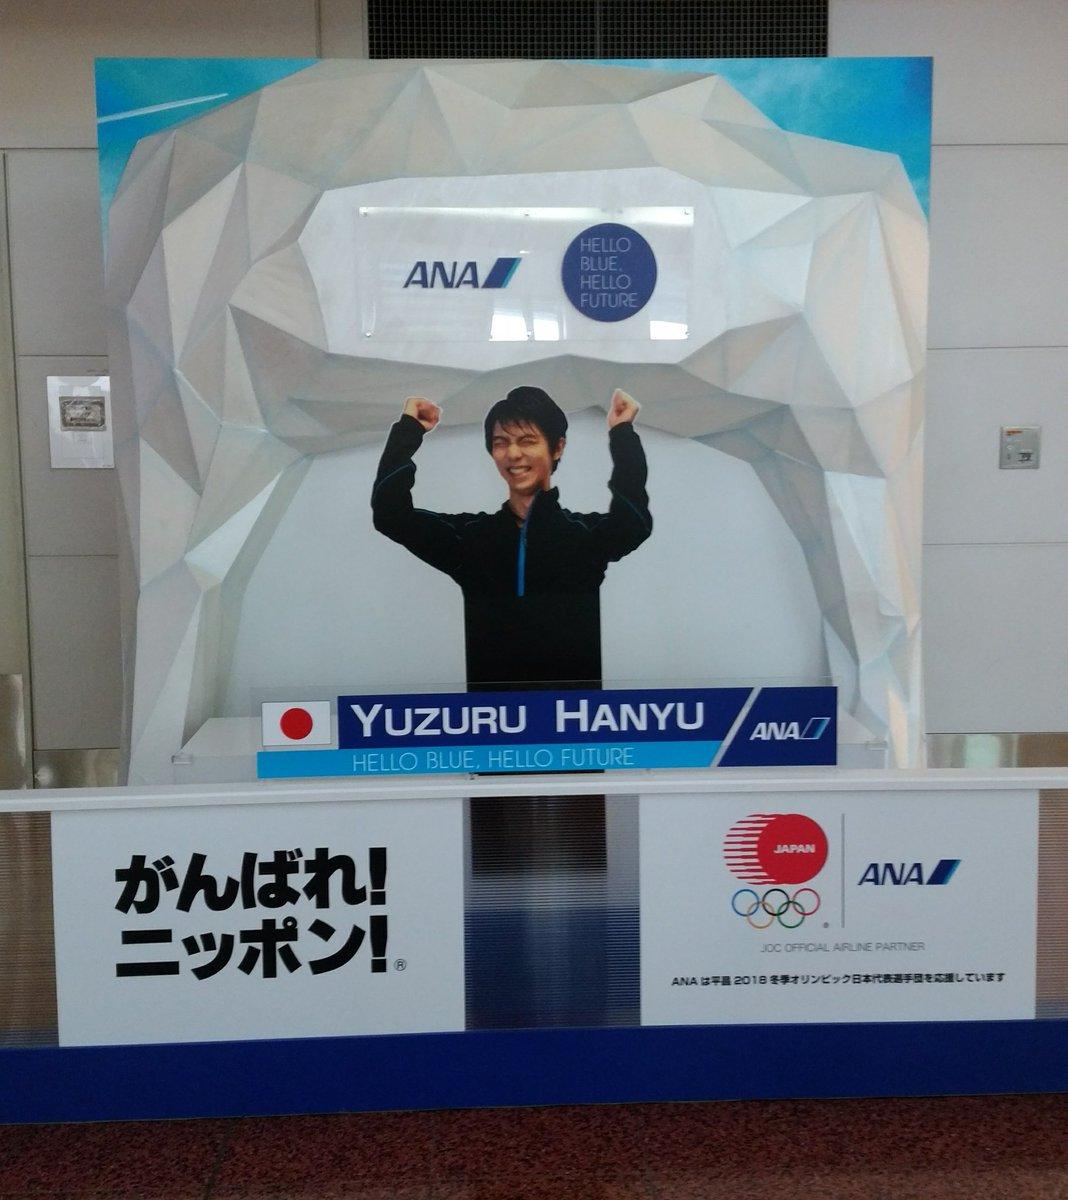 羽田空港の出発ロビーに羽生結弦選手のパネルを発見。めちゃくちゃ喜んでる(笑)